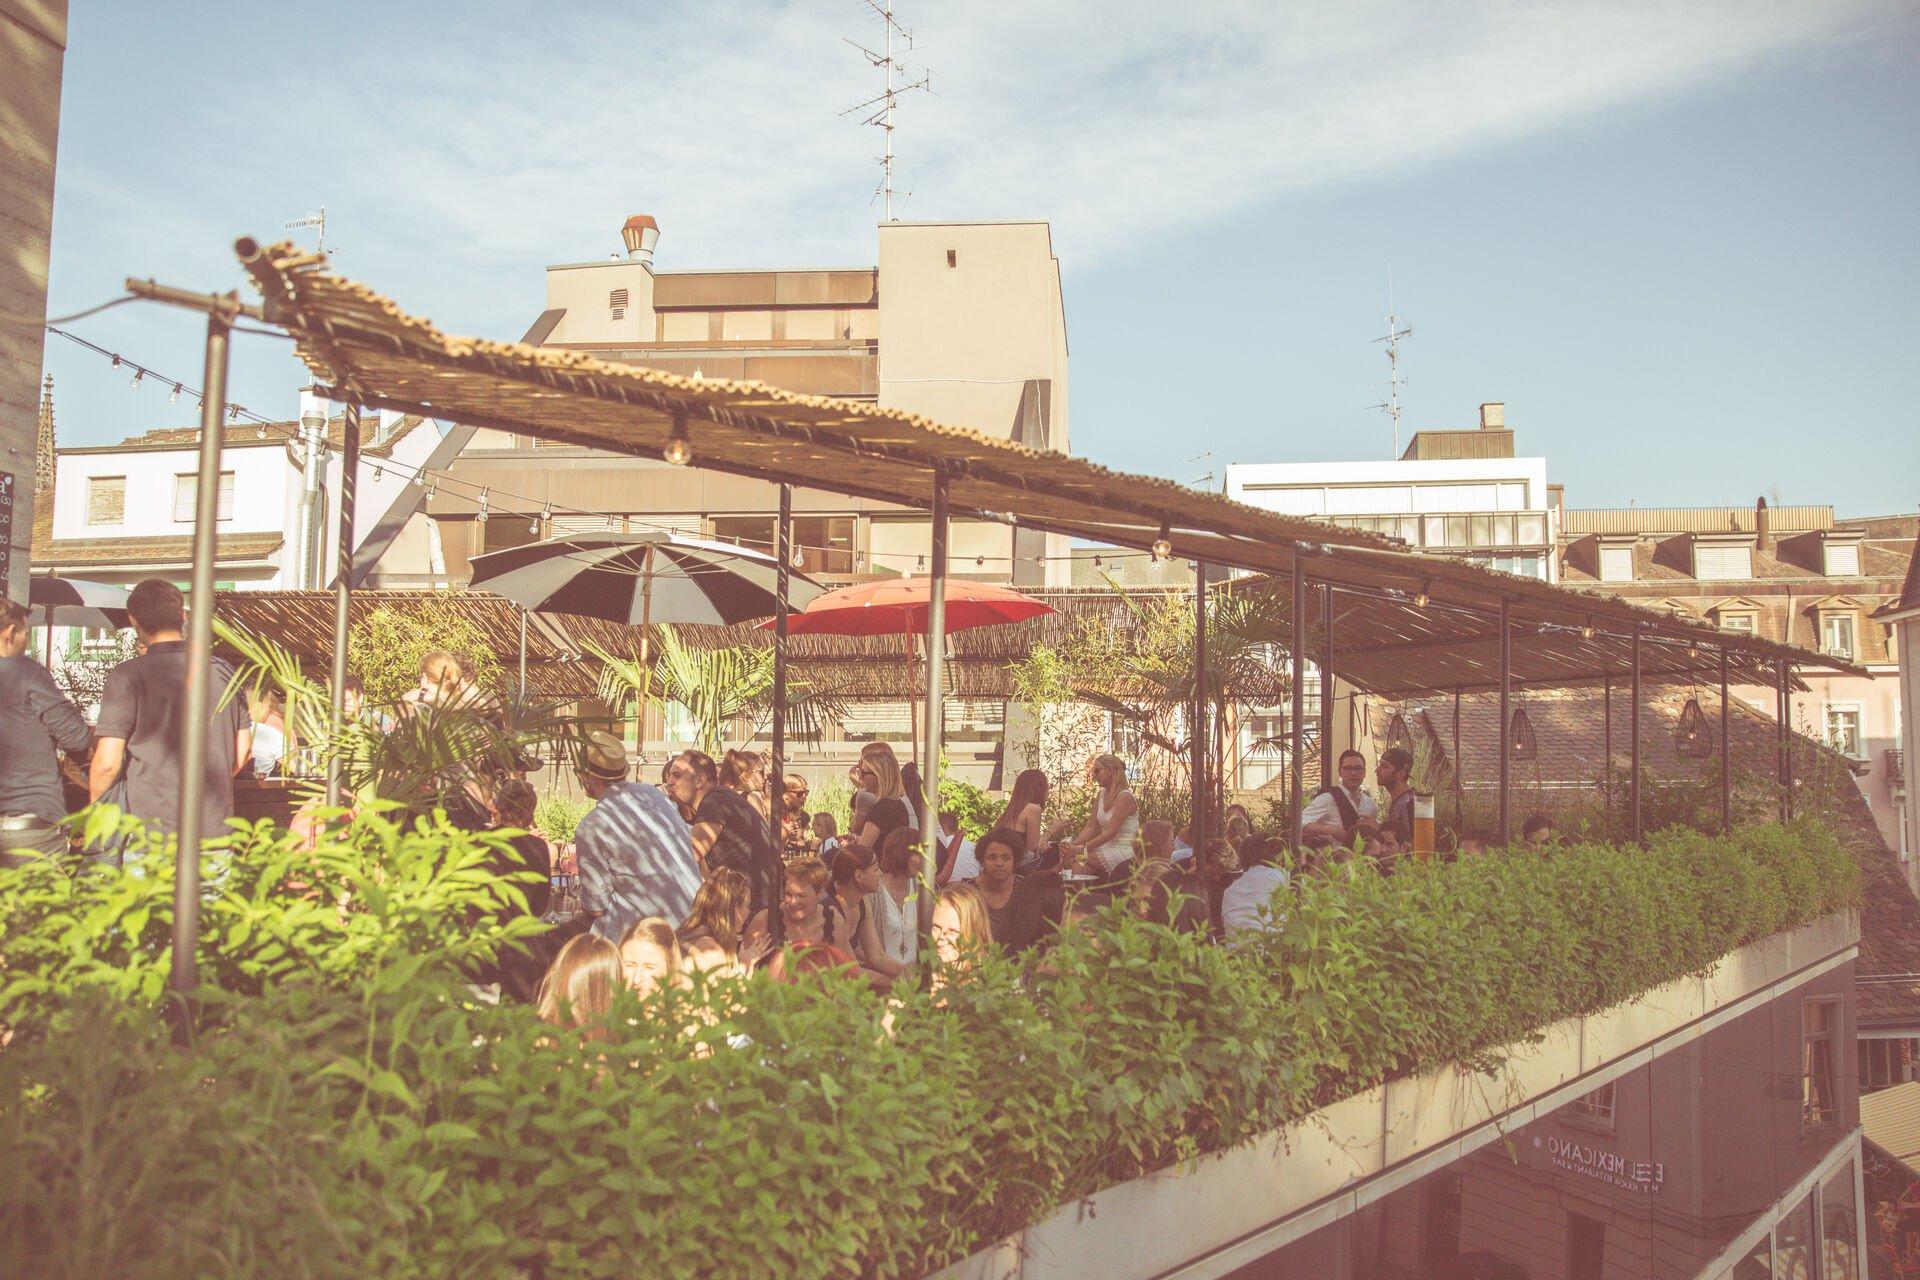 Das 70er-Jahre-Flair drinnen und die spektakuläre Dachterrasse machen die Baltazar Bar zu einem beliebten Treffpunkt – eine mediterrane Oase mitten im städtischen Gewusel.